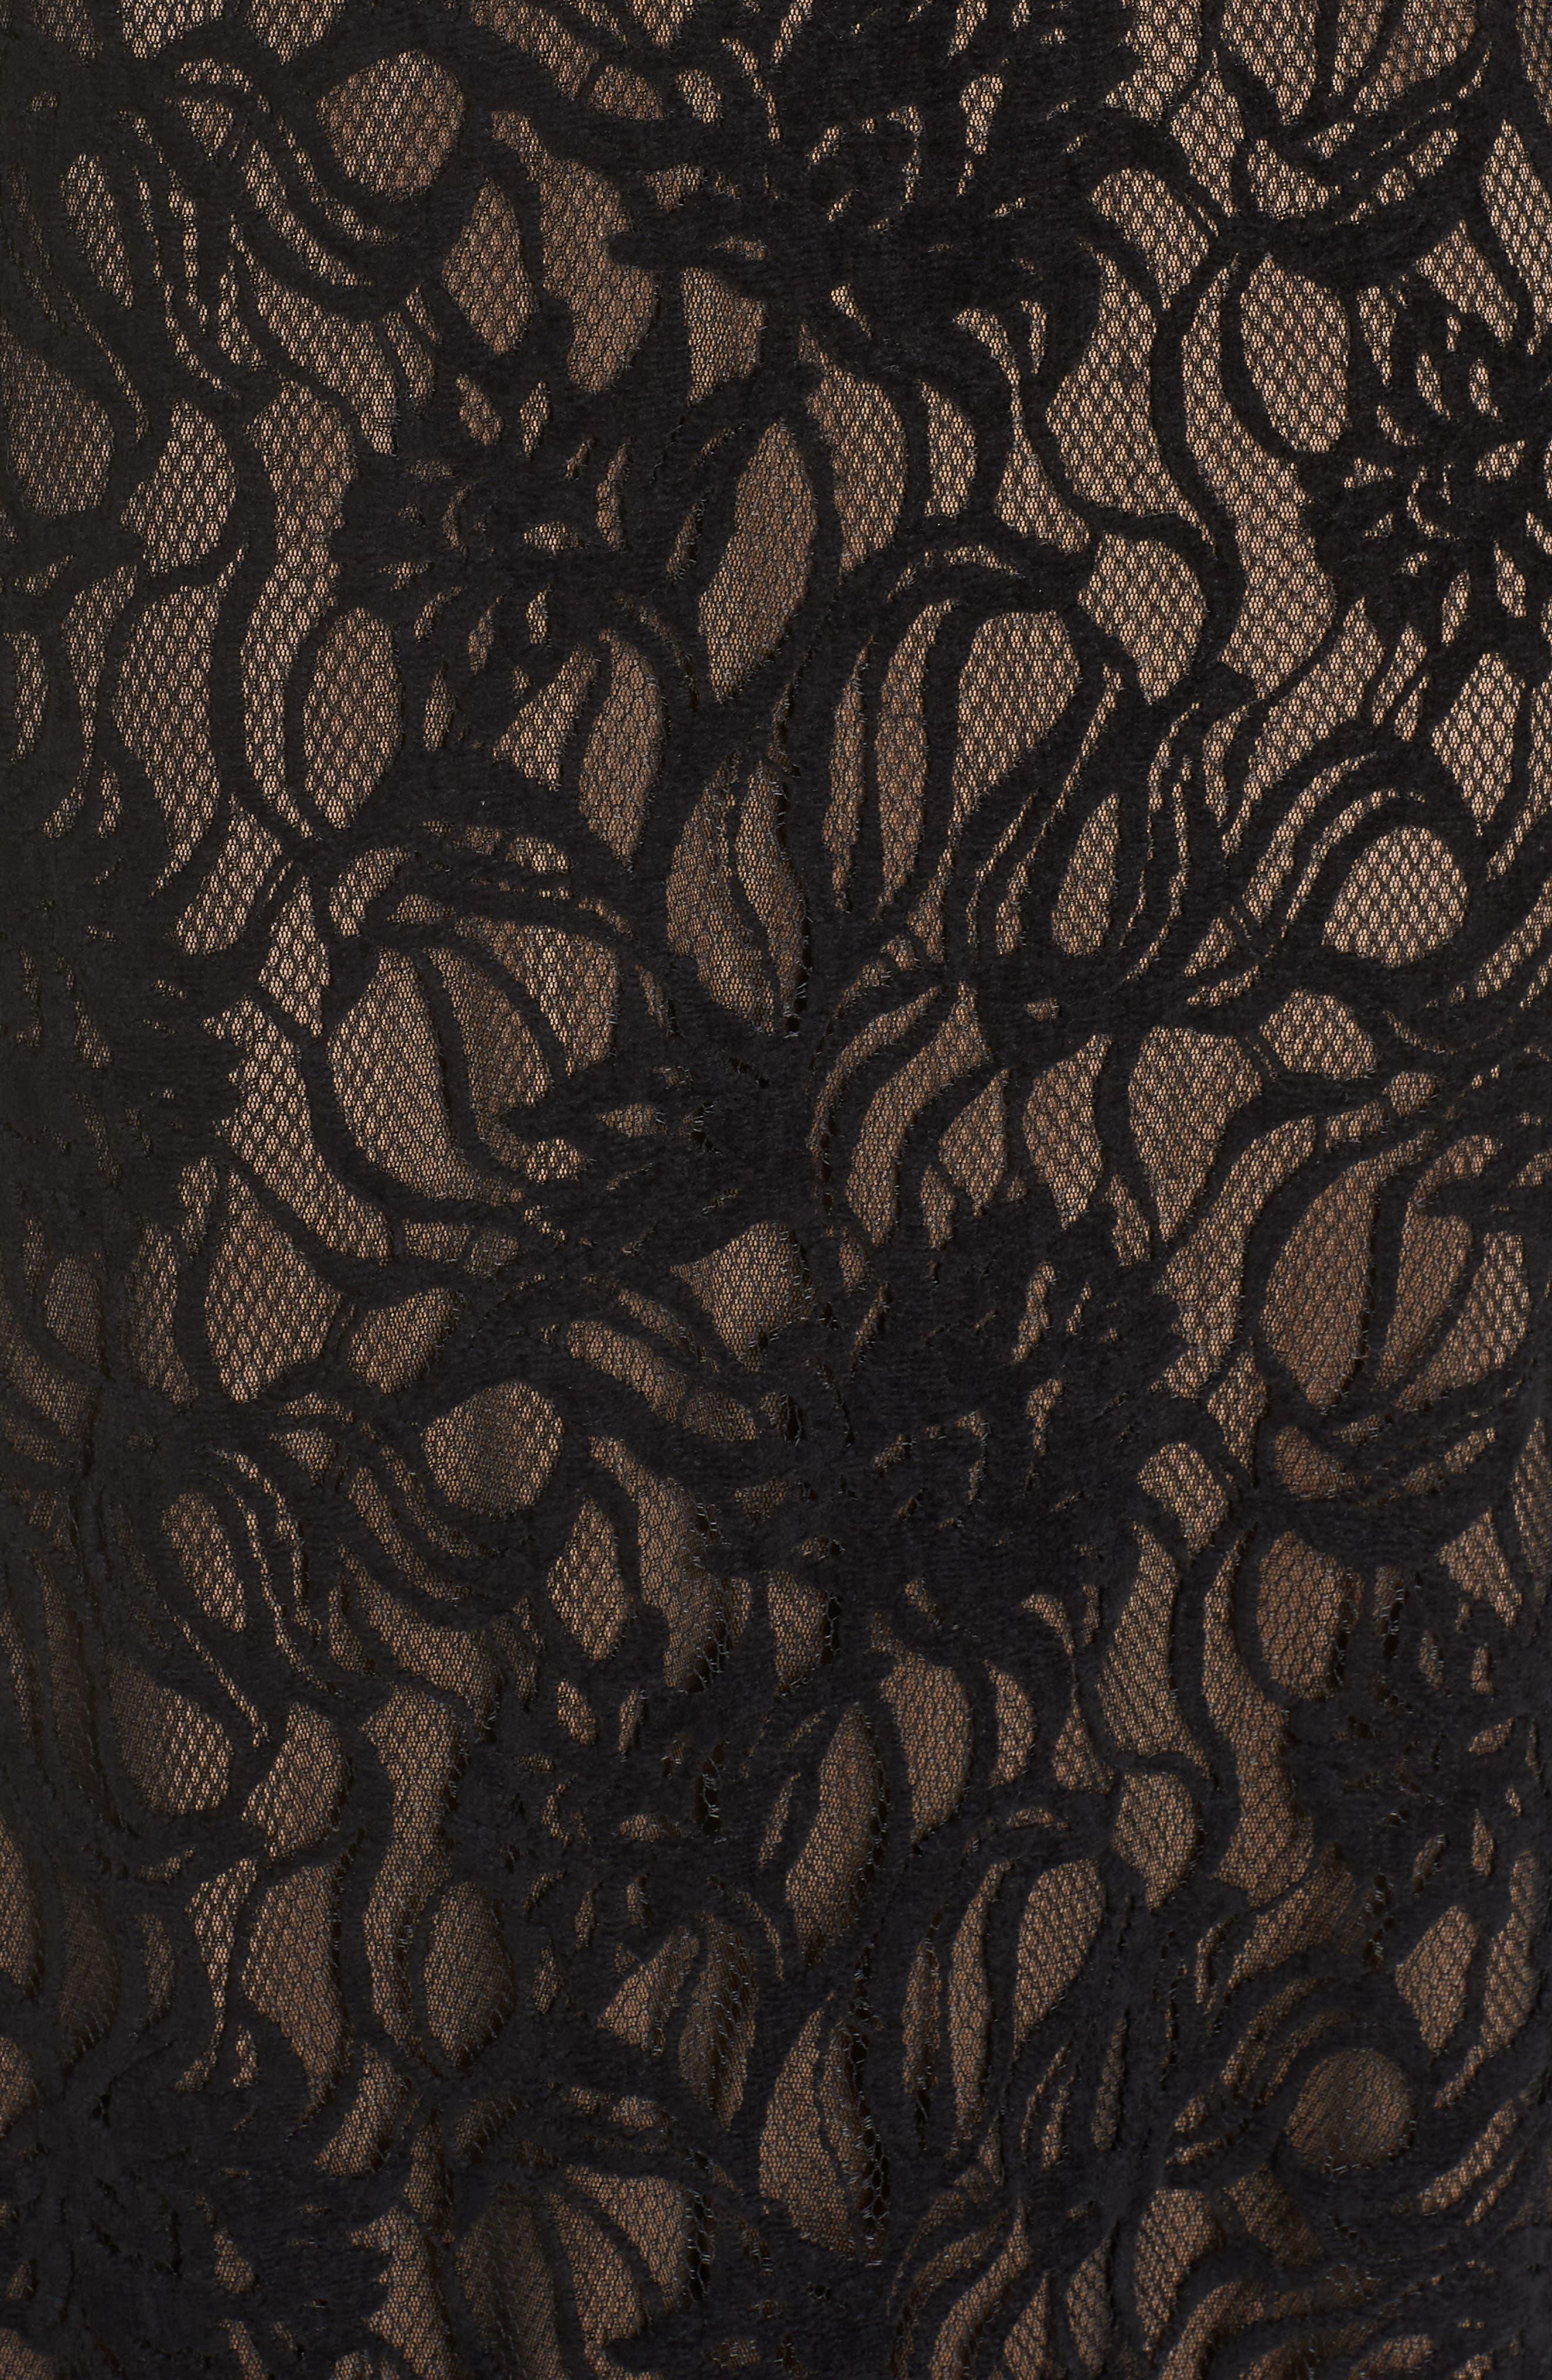 Burnout Lace Gown,                             Alternate thumbnail 6, color,                             BLACK/ NUDE